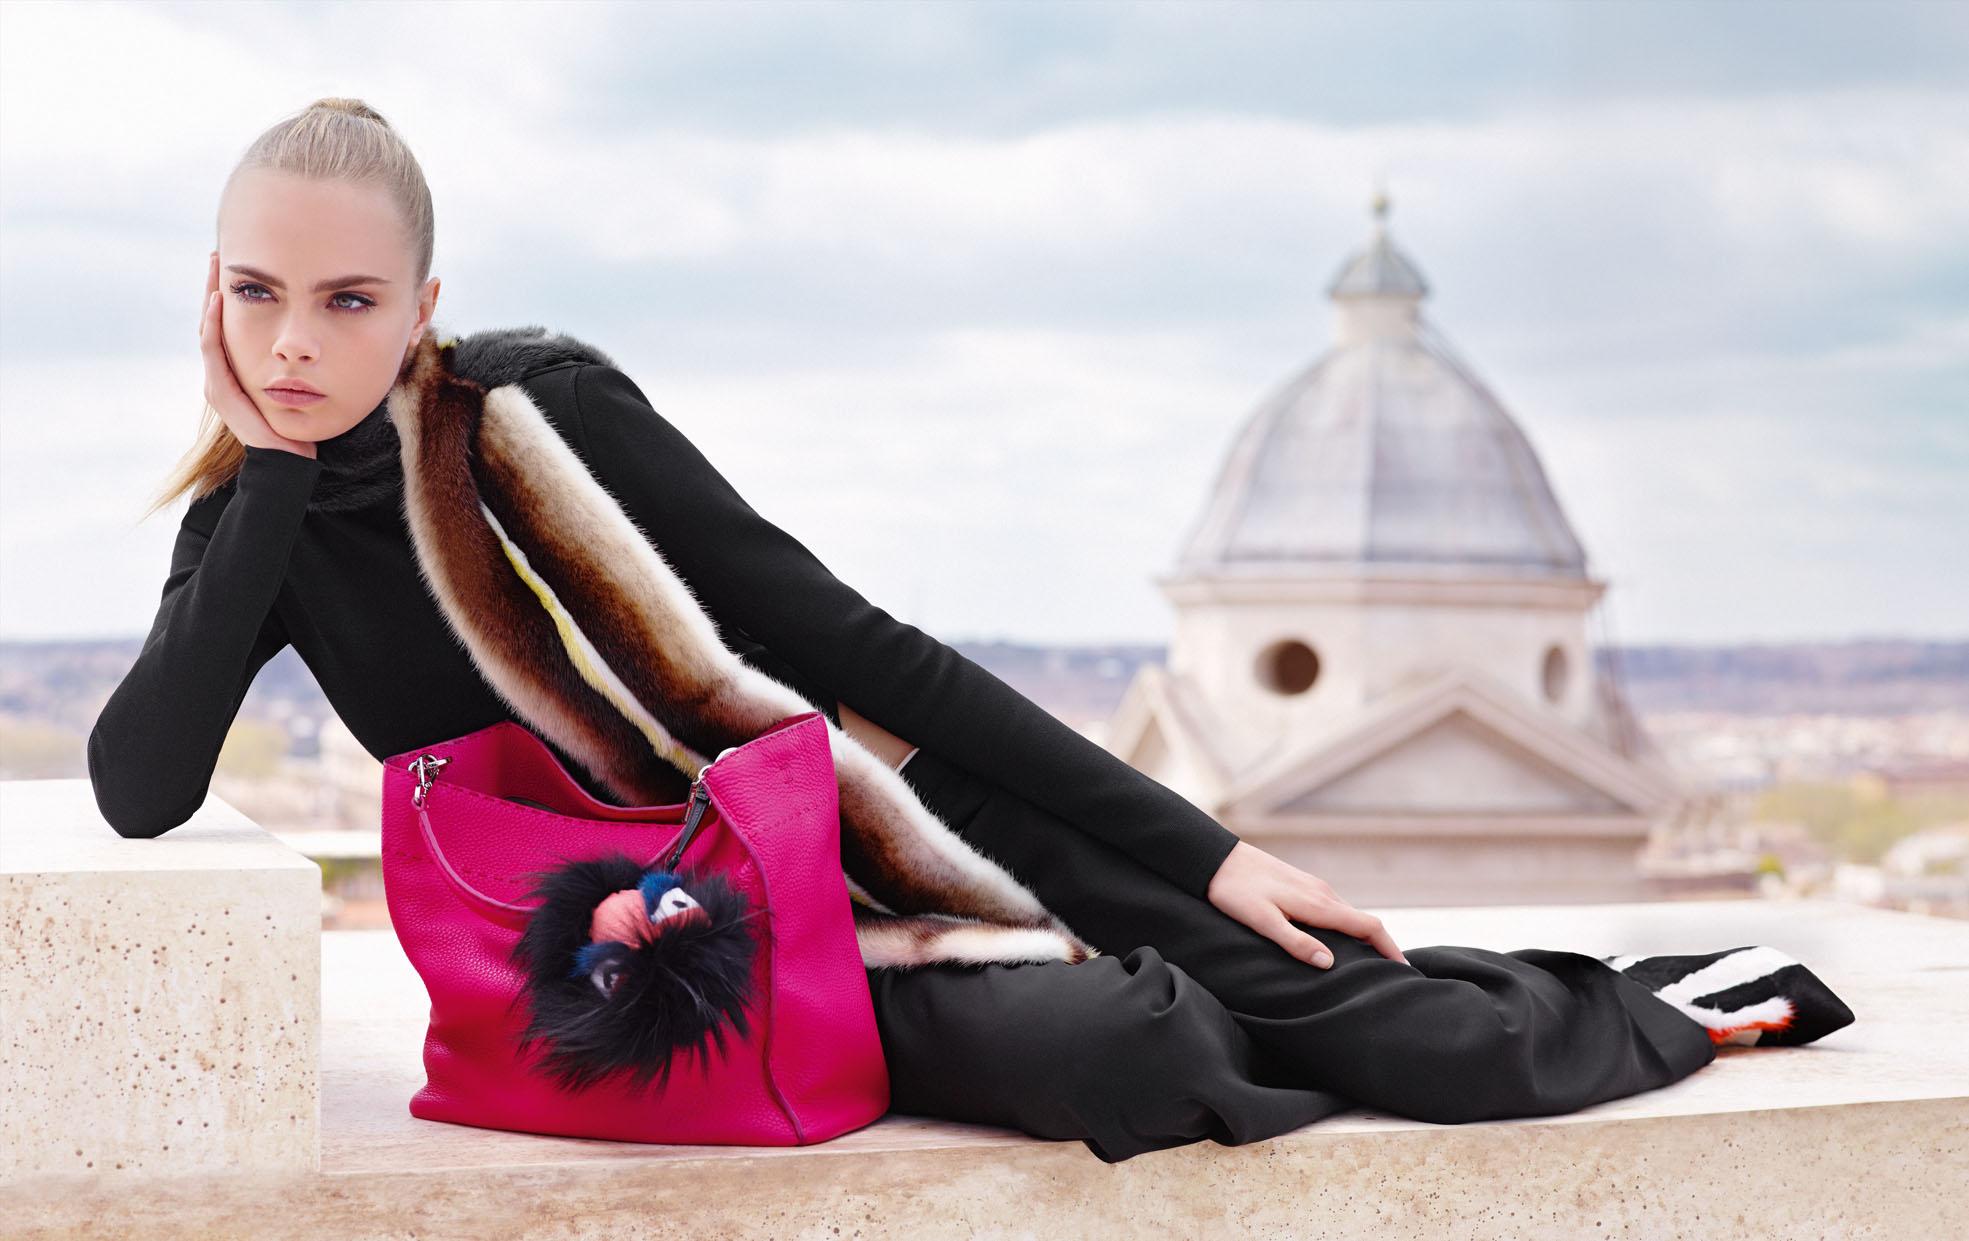 fendi-ad-campaign-fall-winter-2013-14-cara-delevingne-blog-moda-curitiba-01